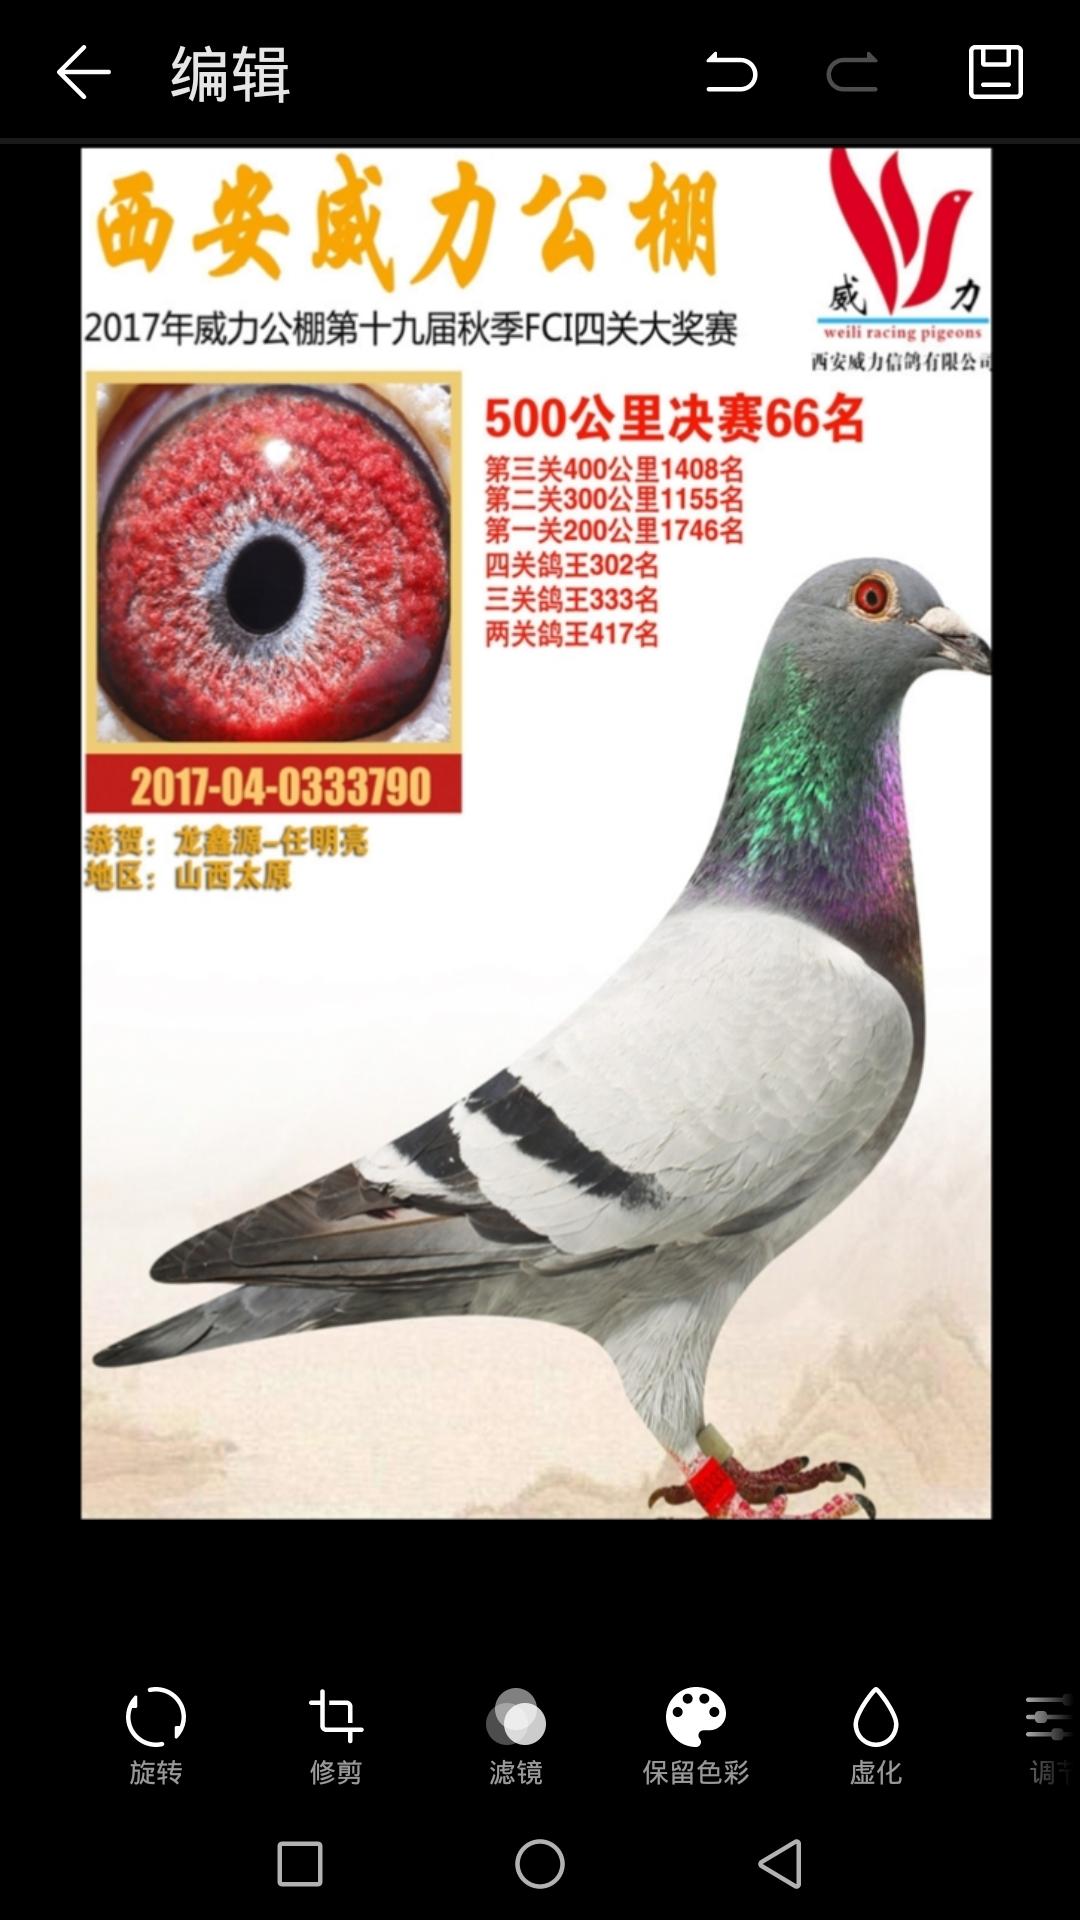 龙鑫790